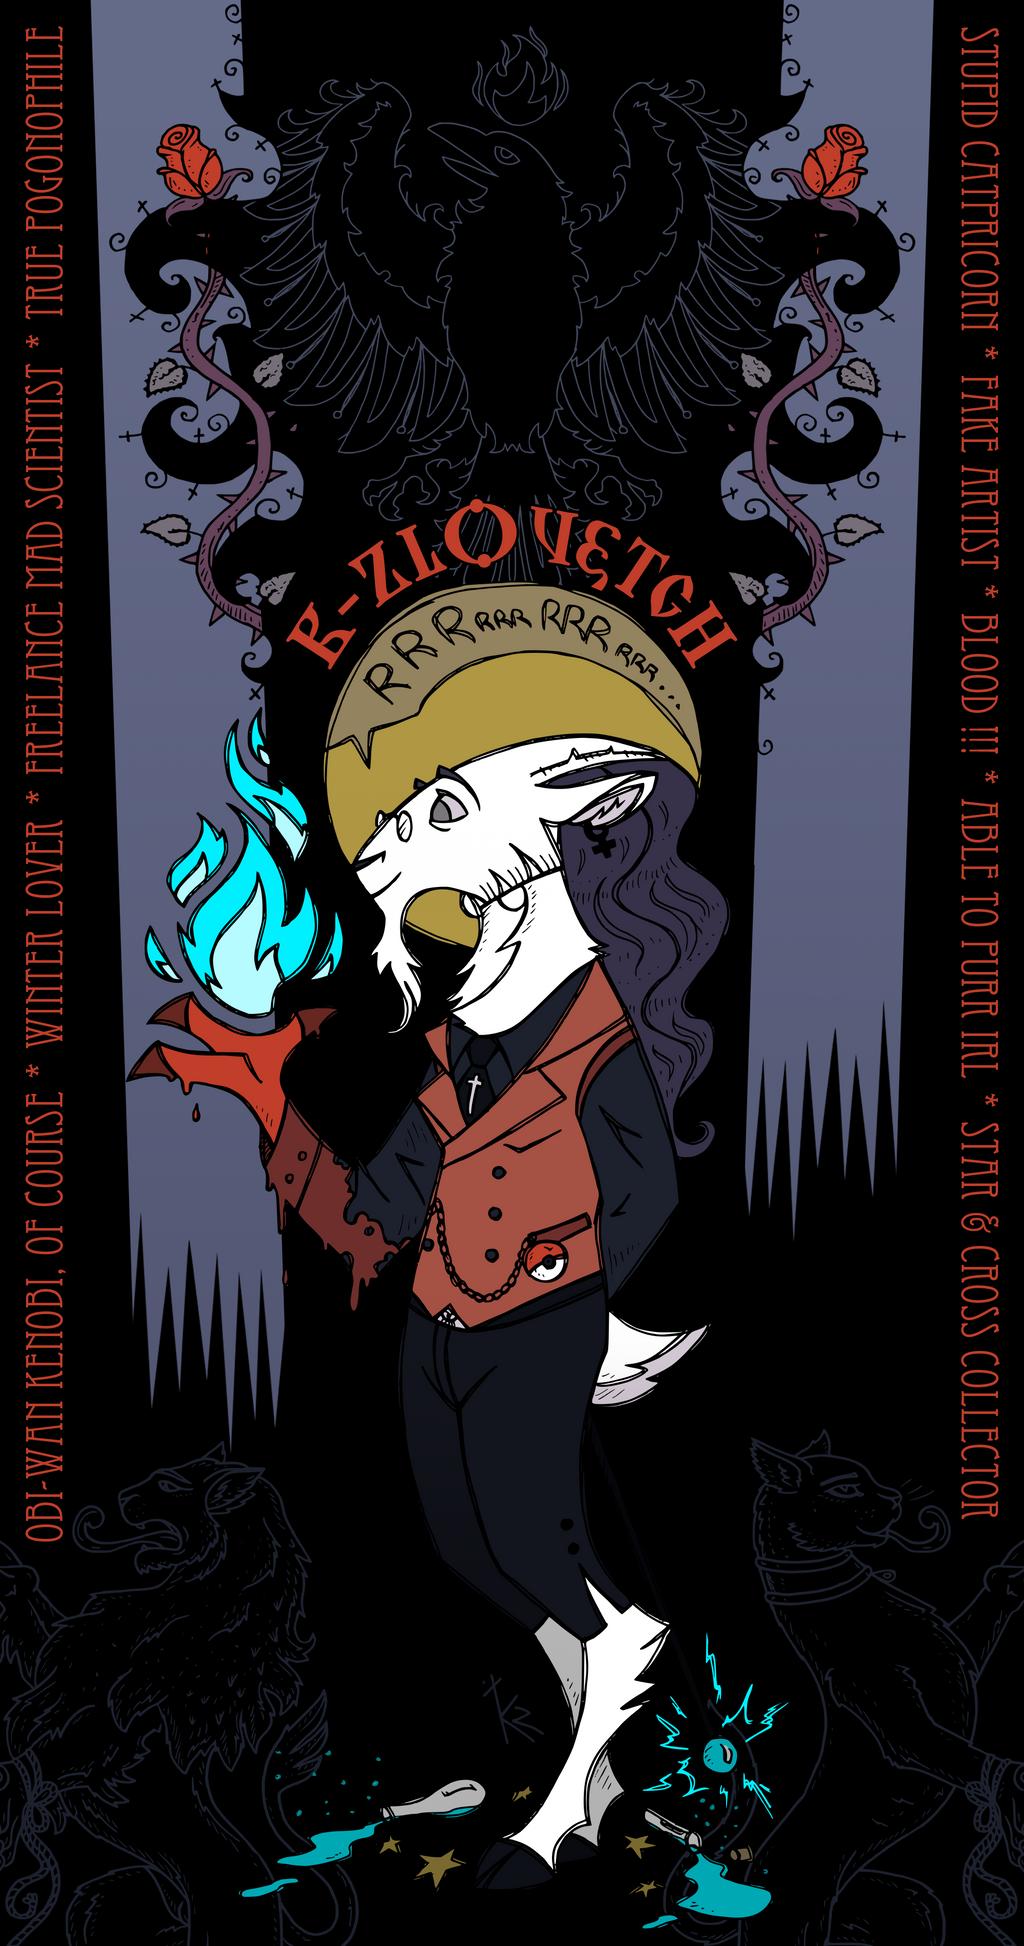 K-Zlovetch's Profile Picture